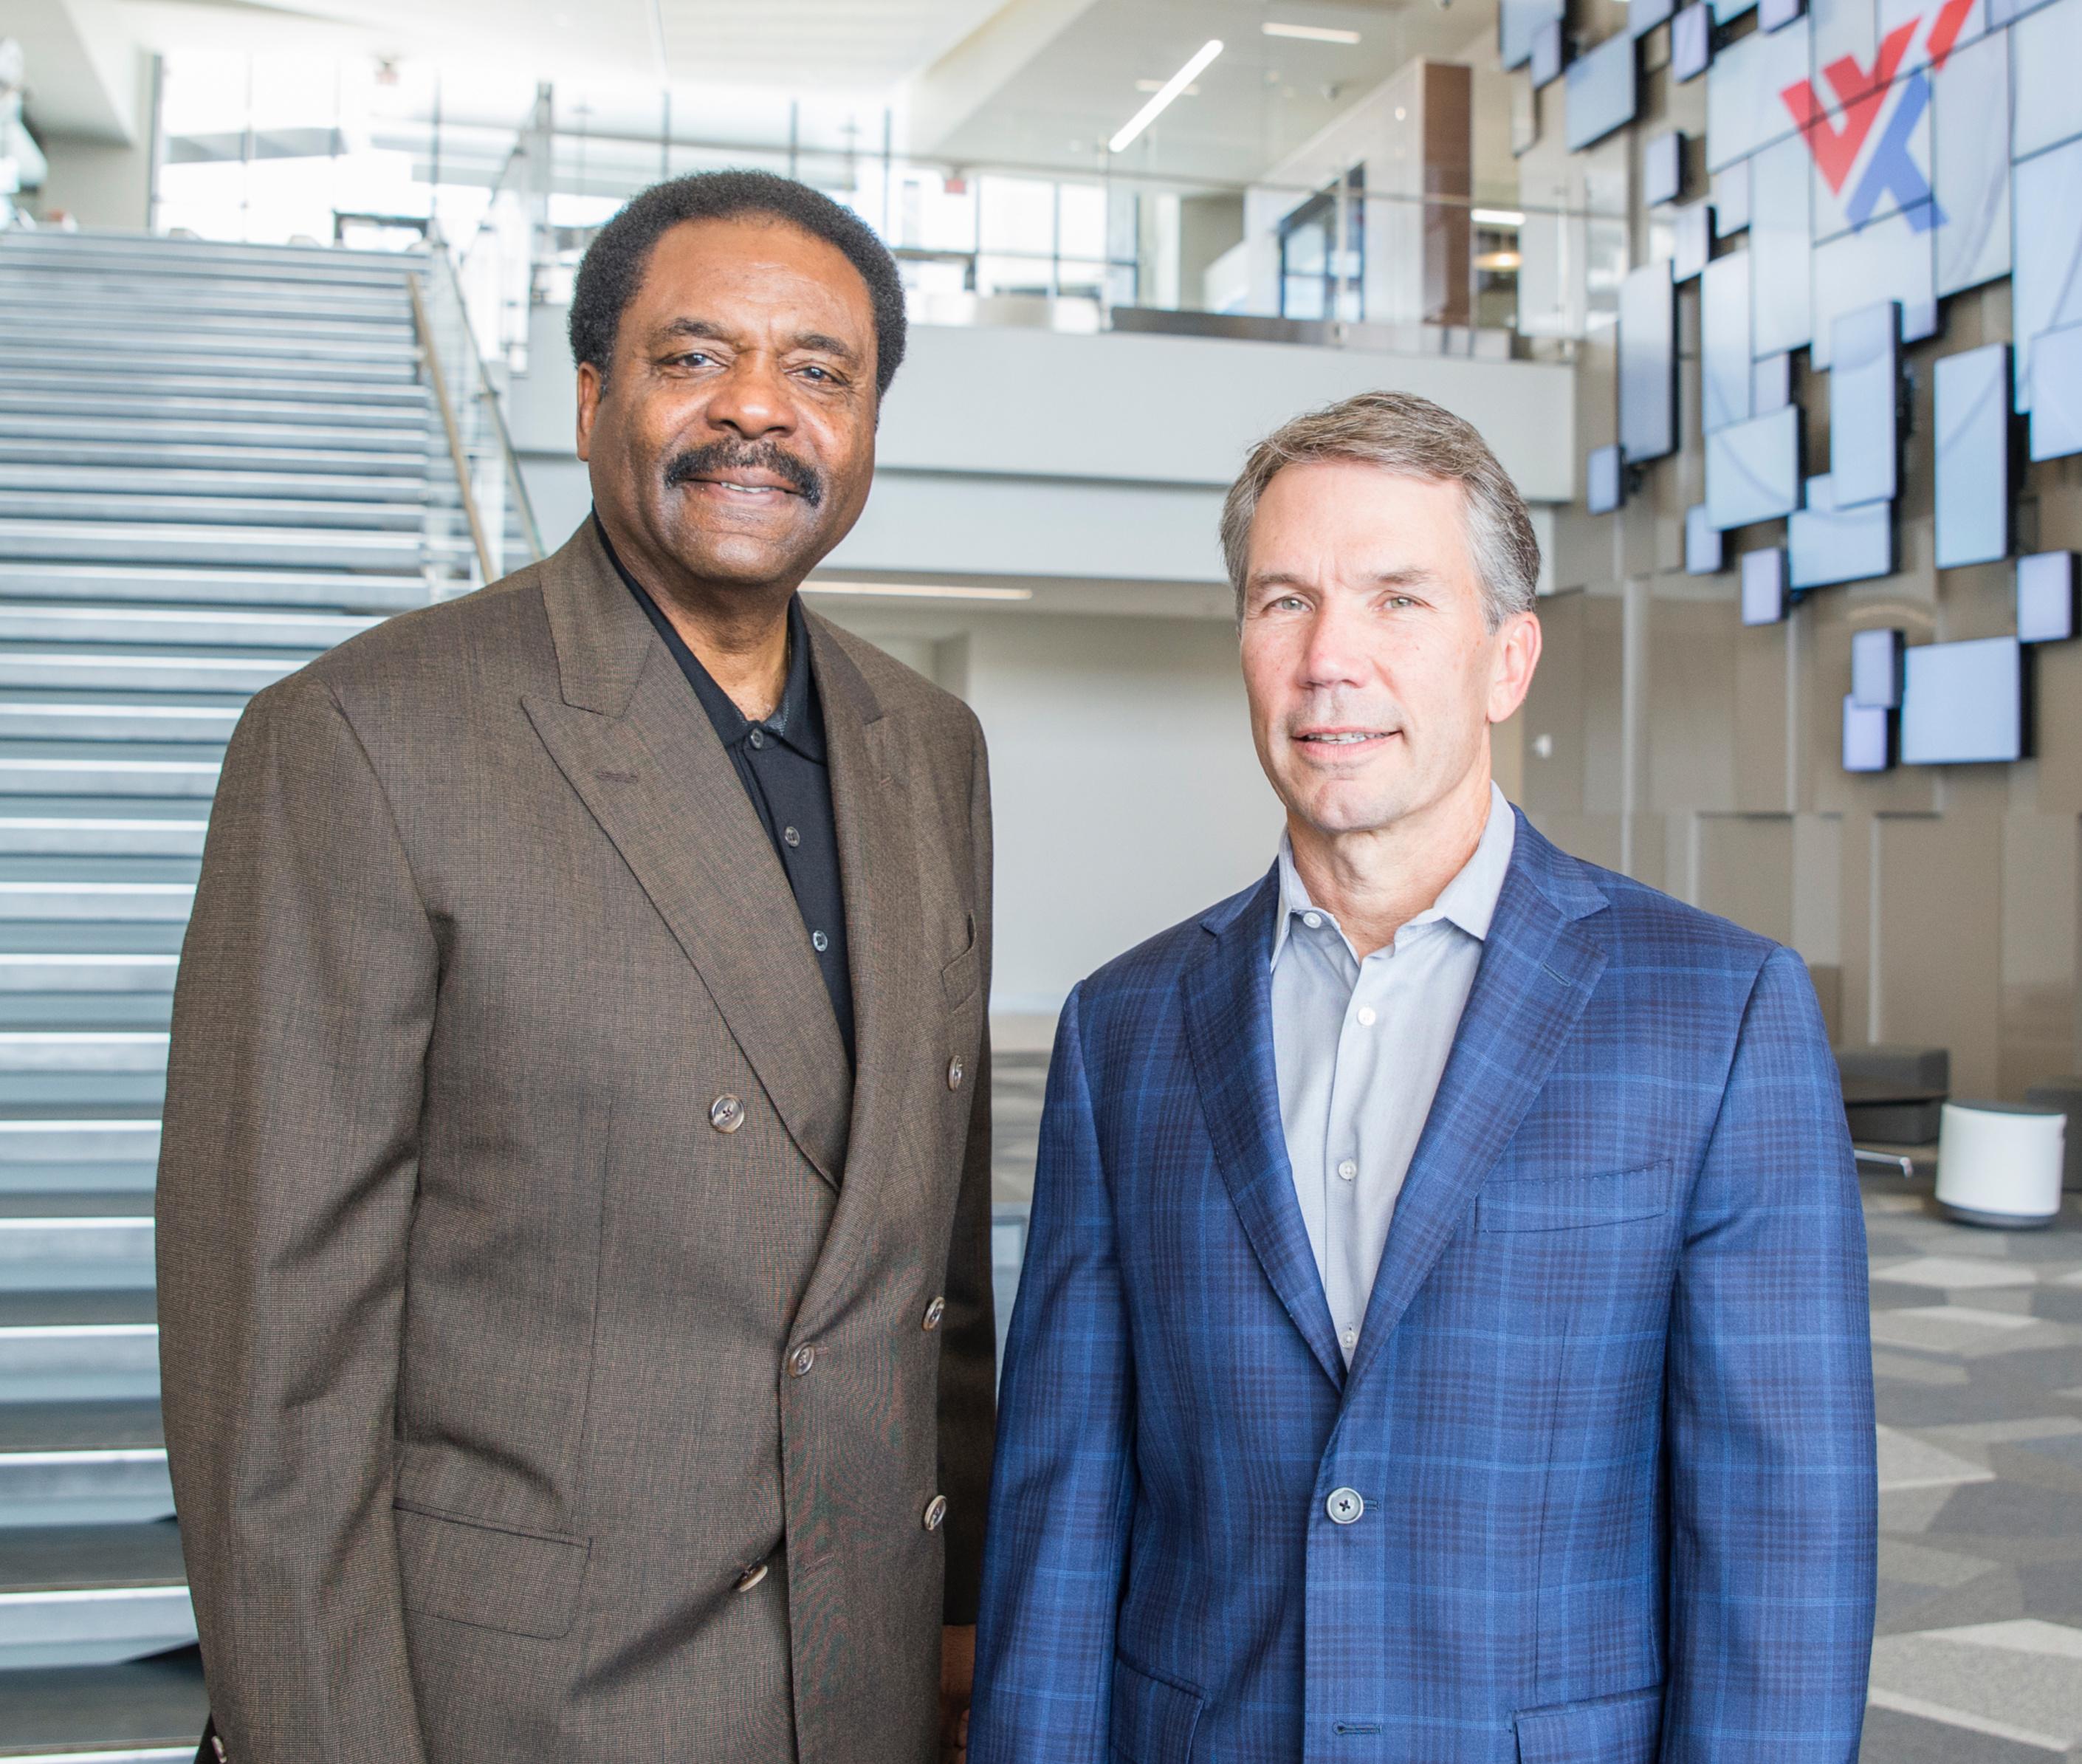 Dave Steward and Jim Kavanaugh